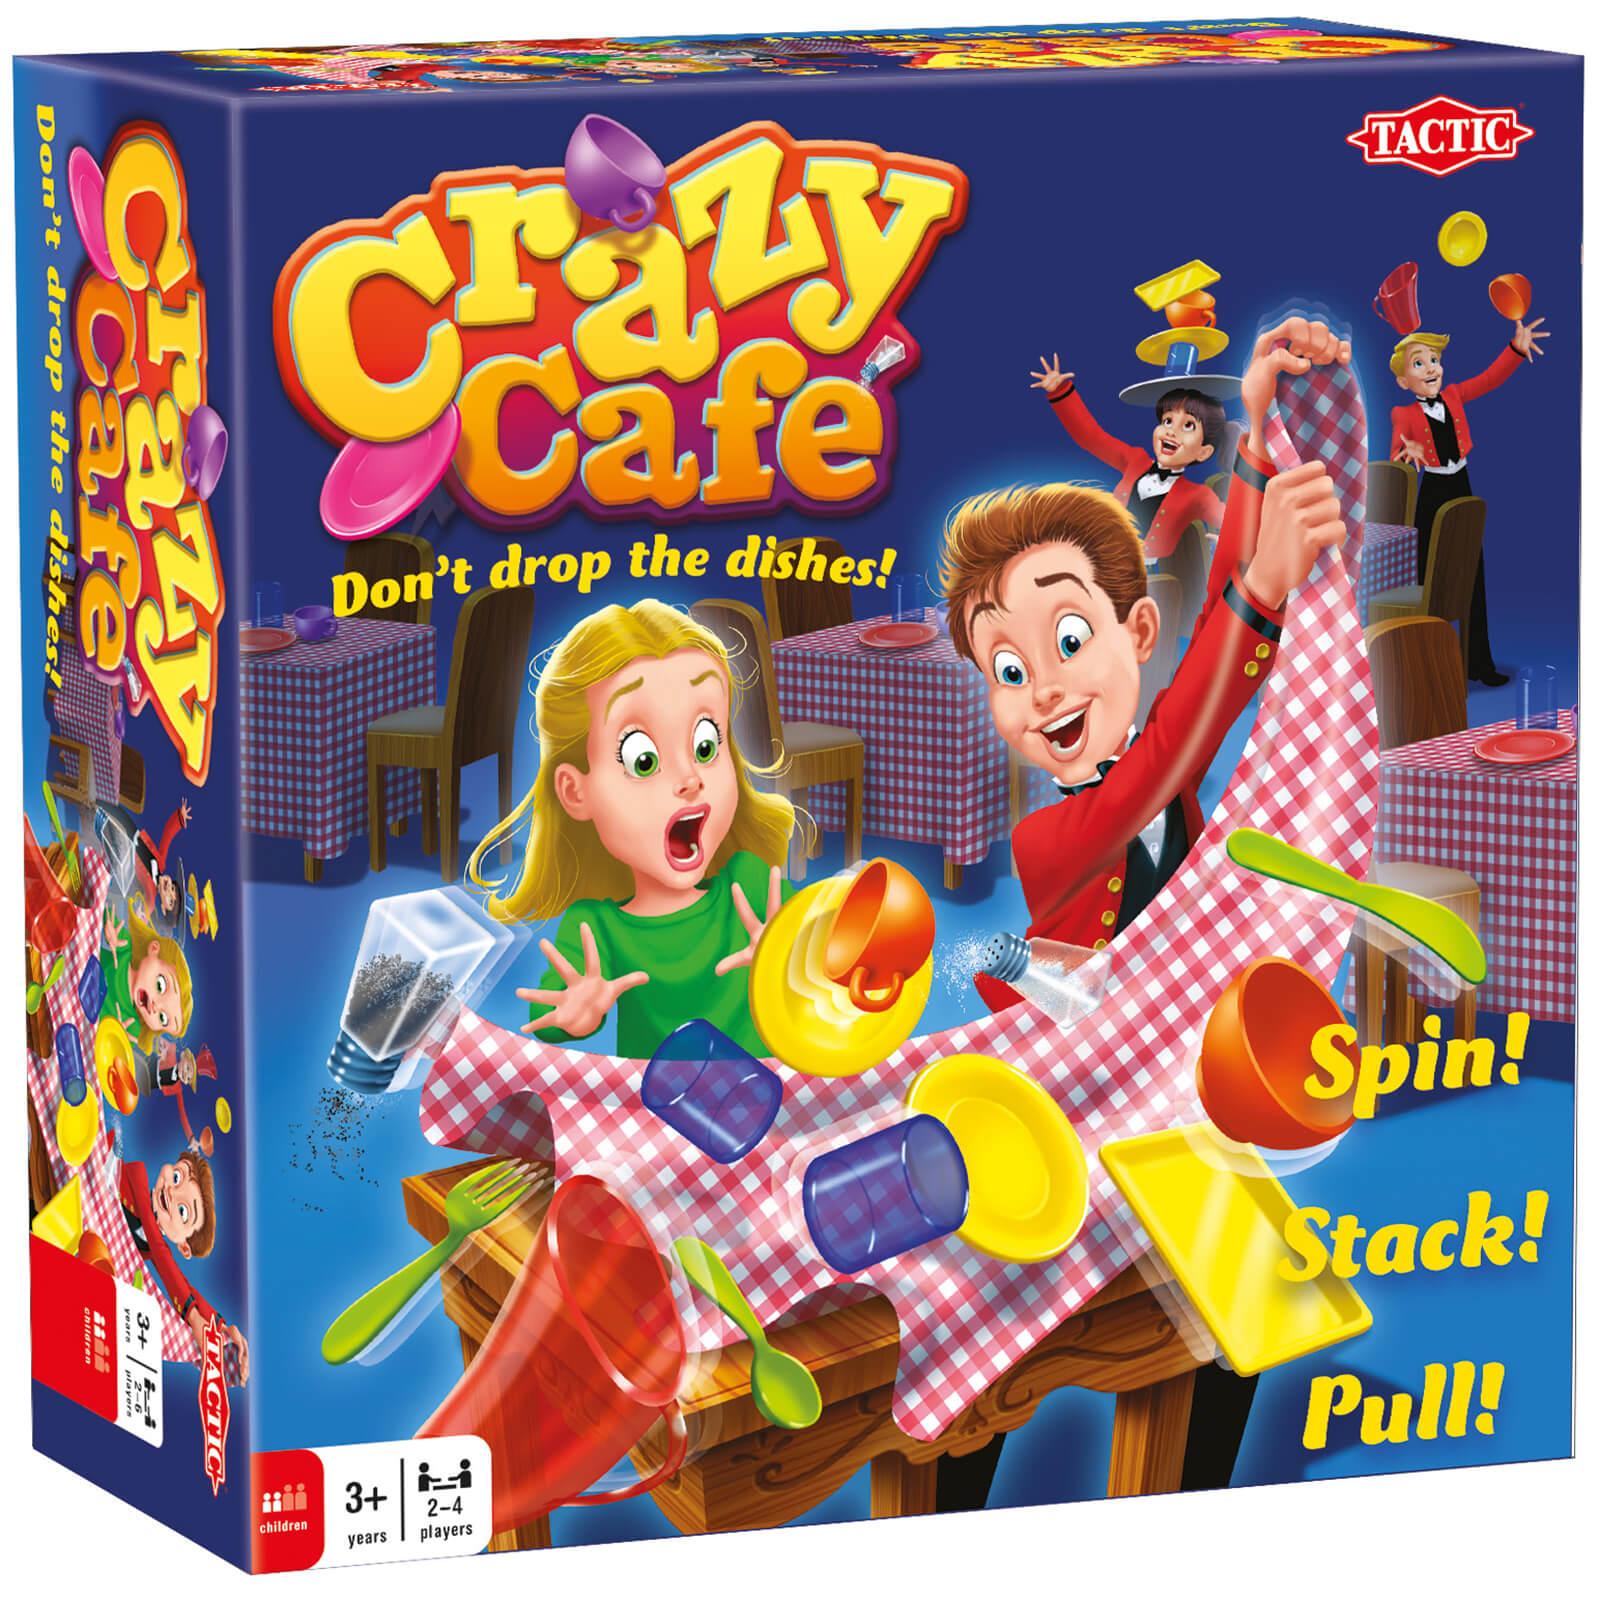 Tactic Games Crazy Café Game